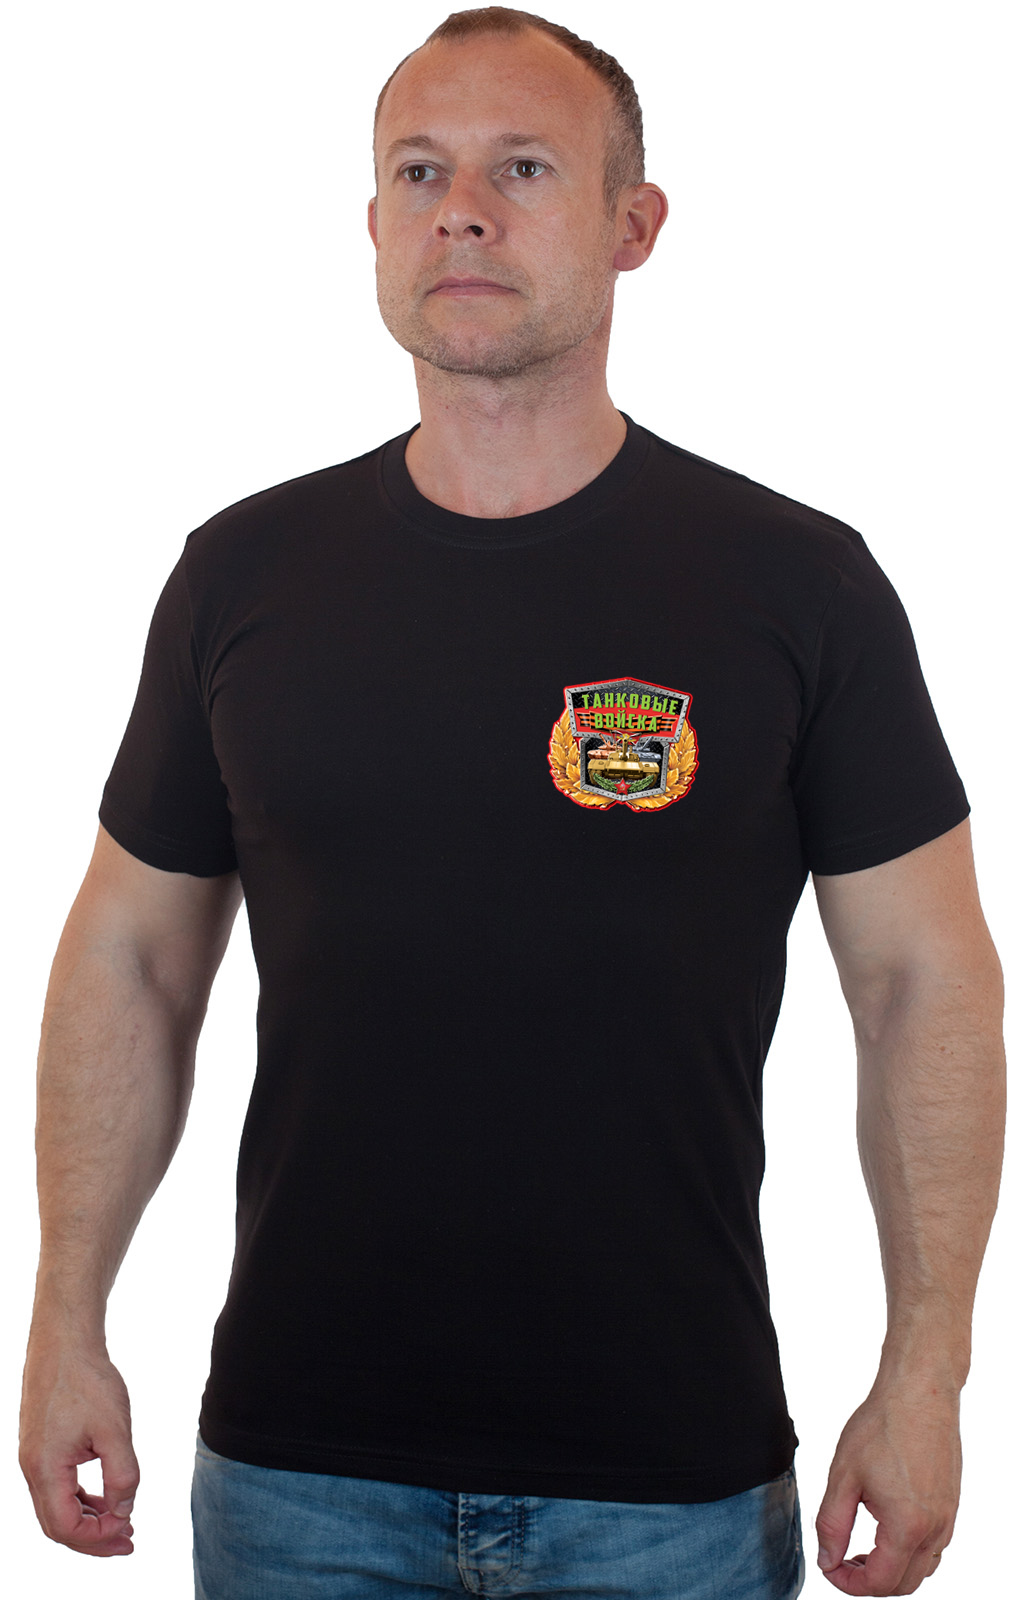 Что купит на подарок танкисту? Берите милитари футболку!